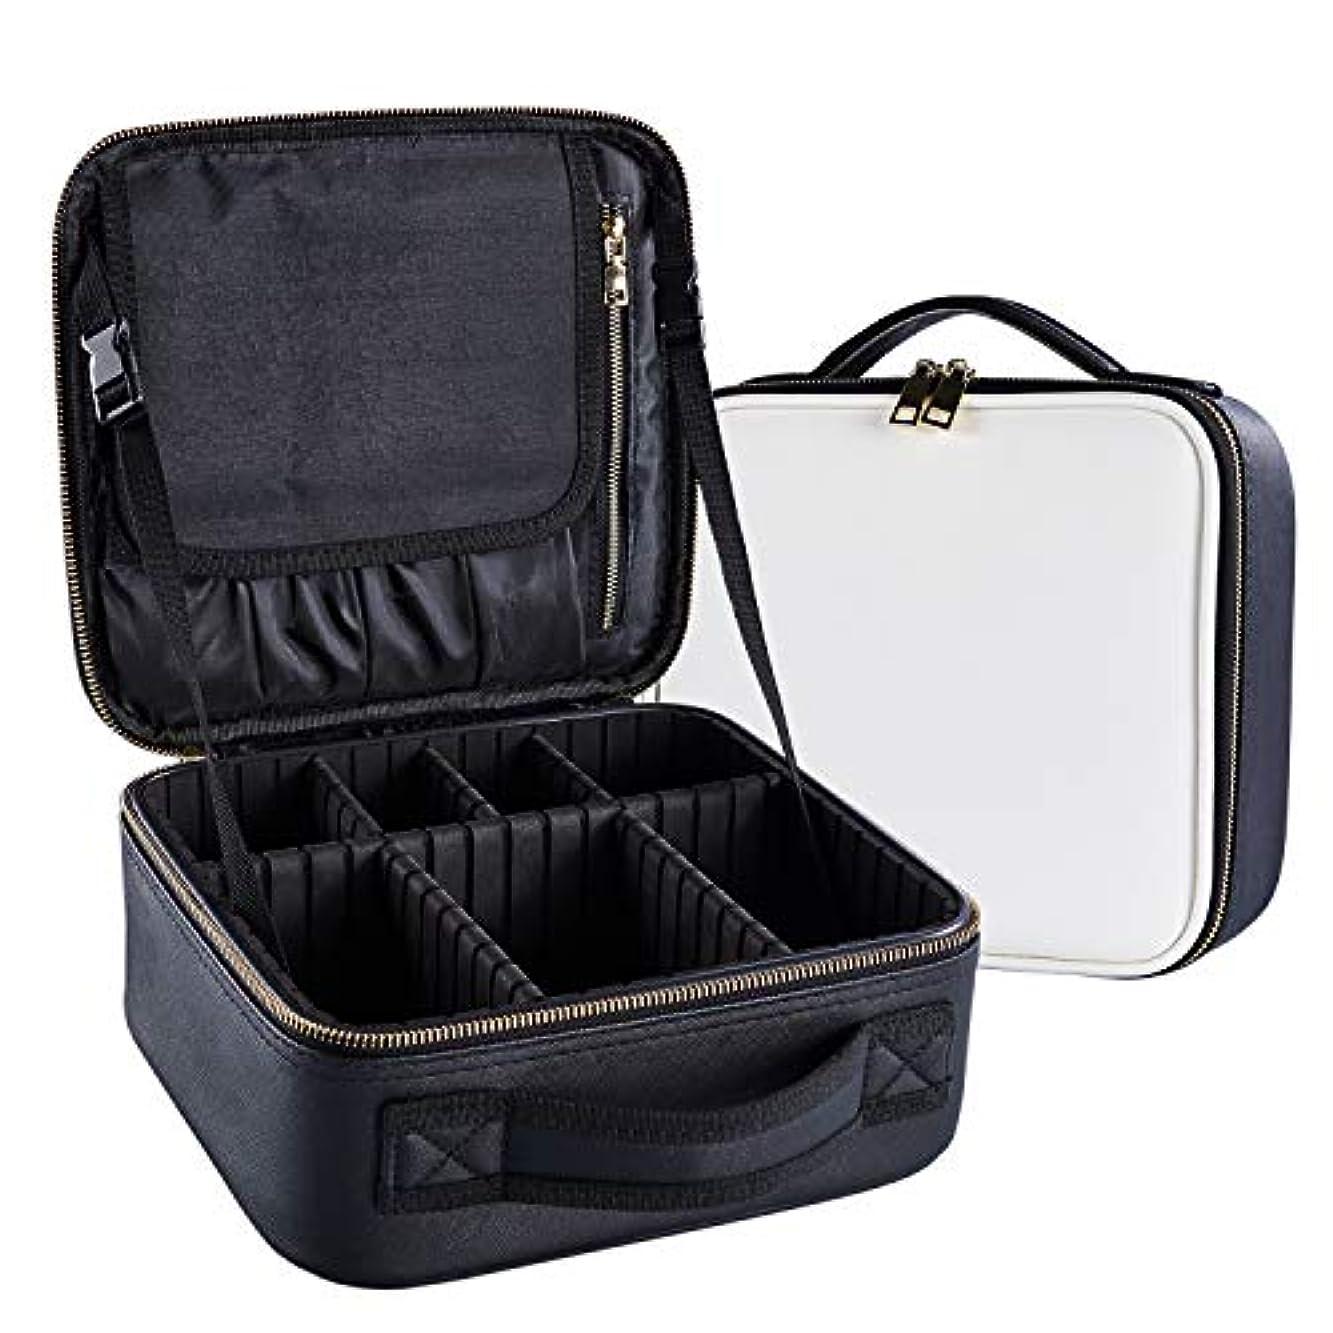 カーテンベテラン政策ArcEnCiel メイクボックス プロ用 化粧道具 コスメ収納 化粧箱 收納抜群 大容量 メイクアップ ボックス